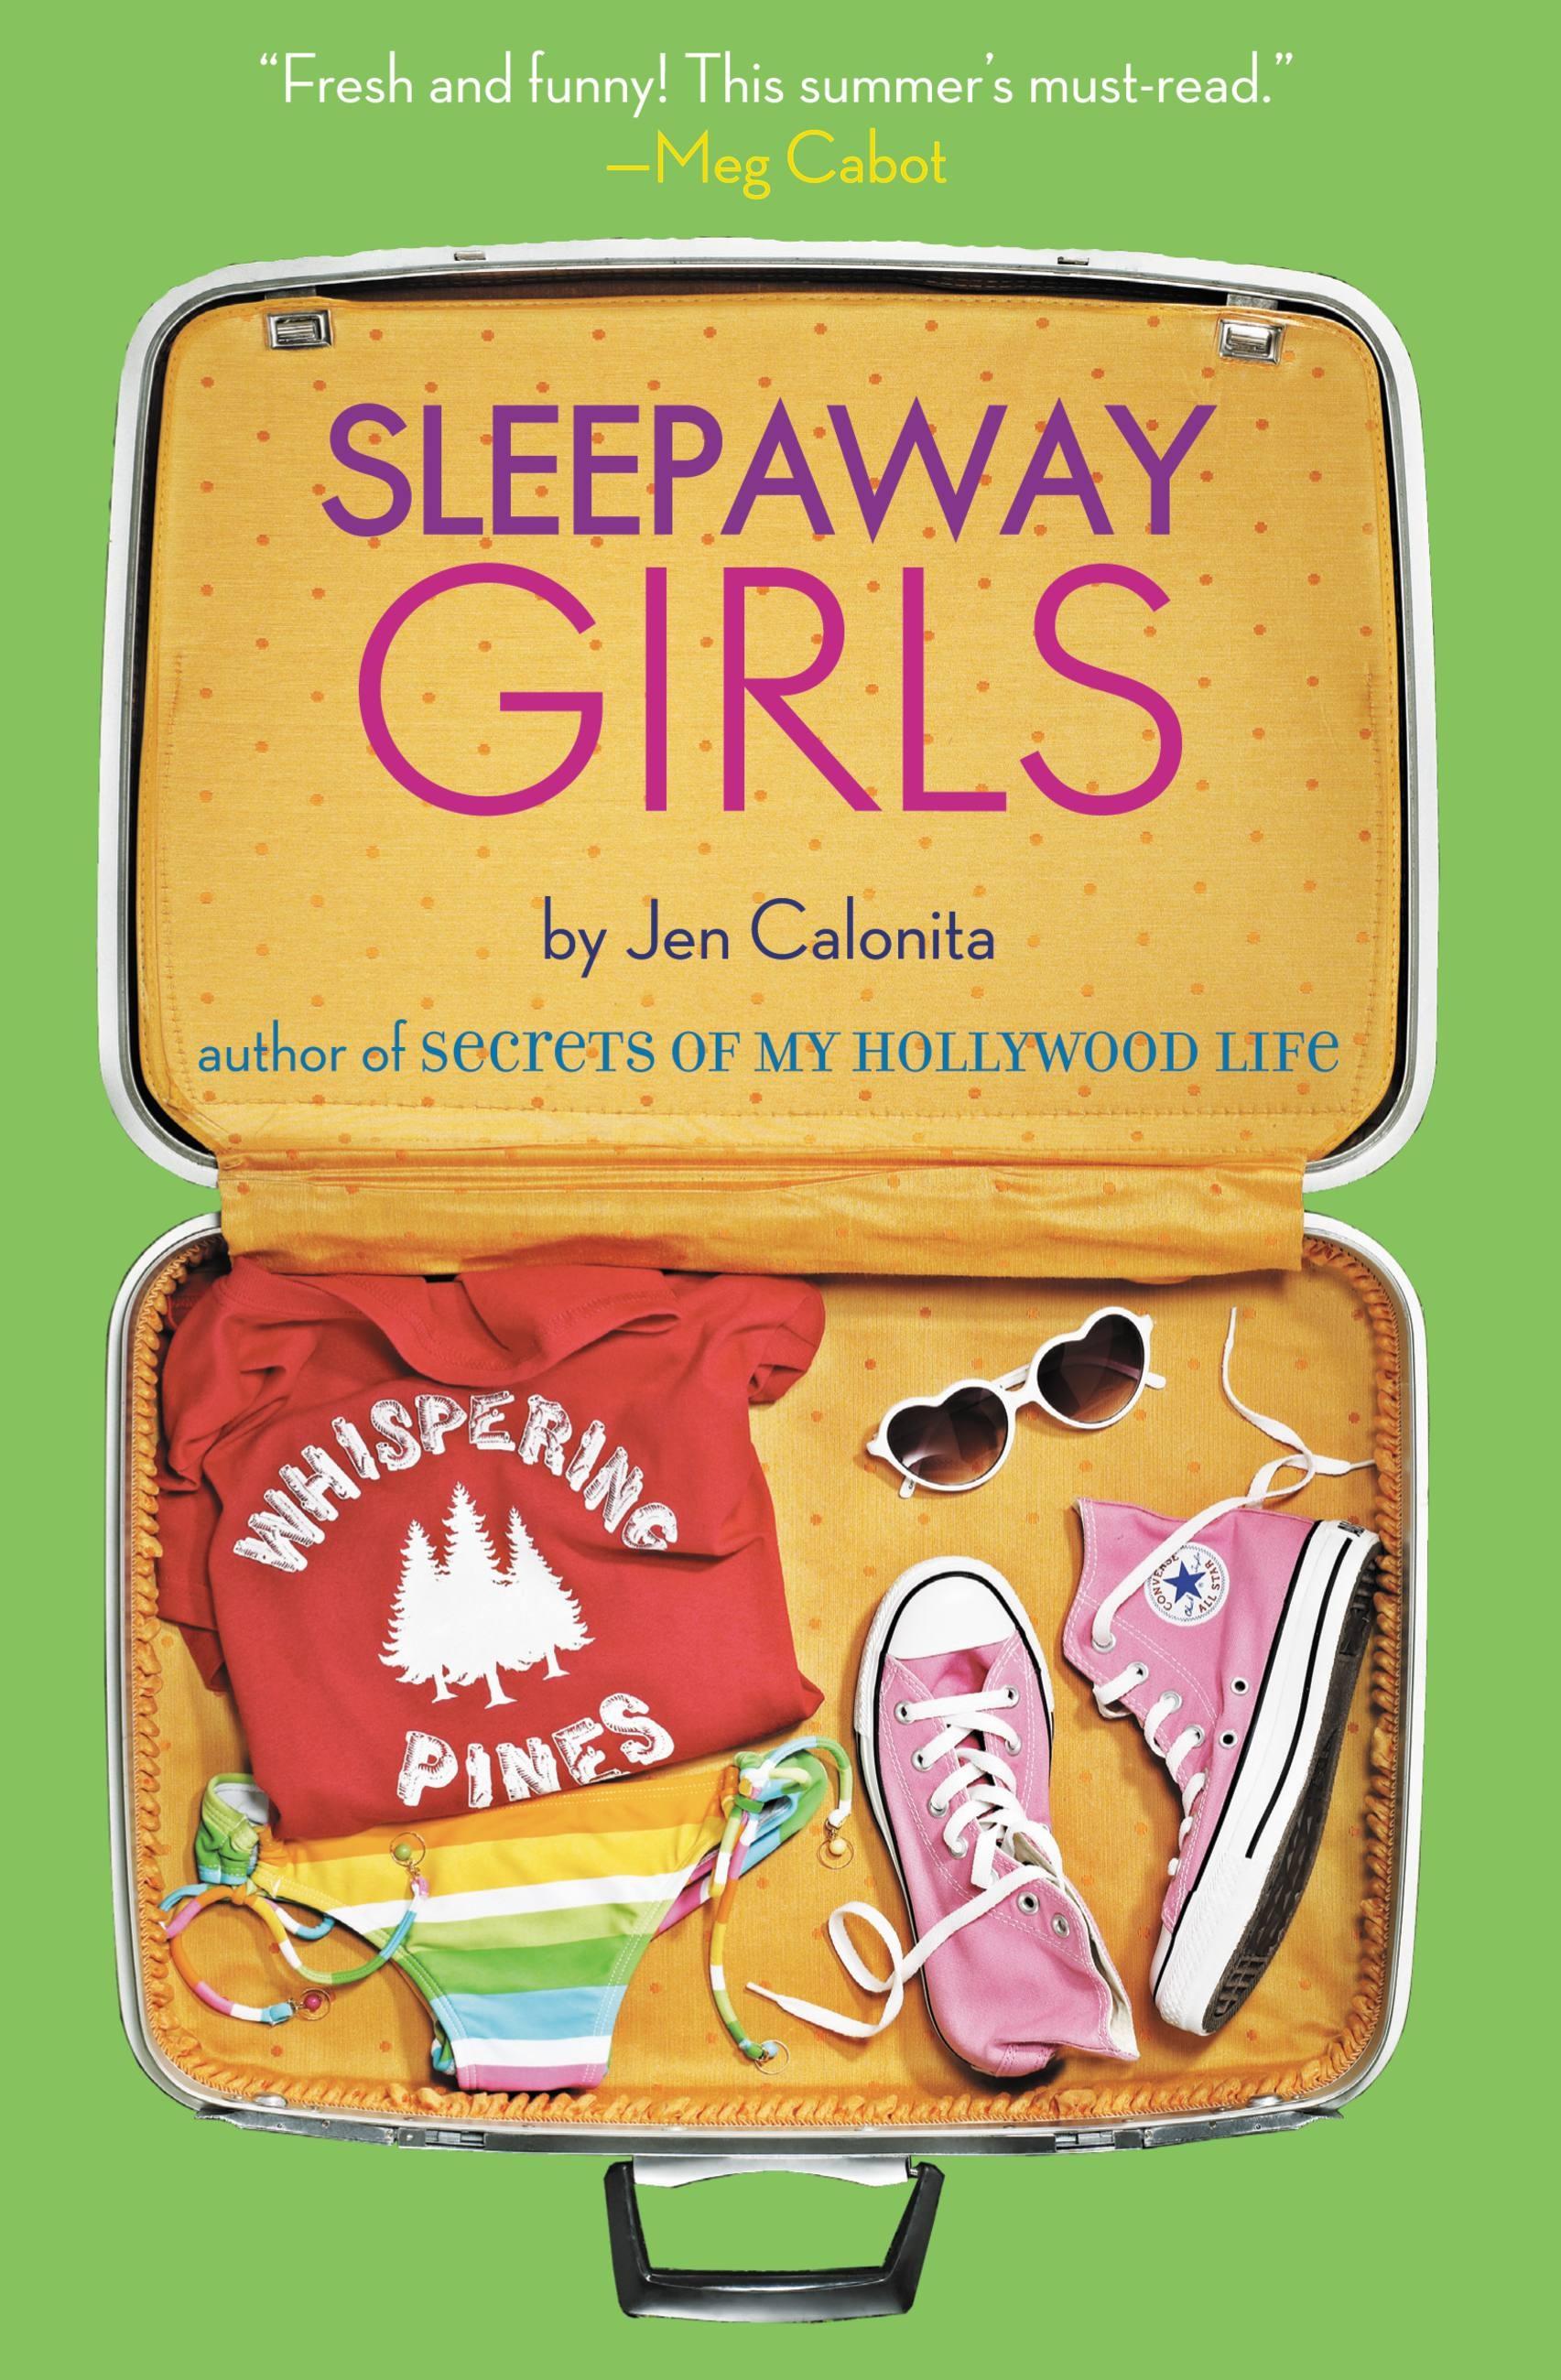 jen-calonita-sleepaway-girls.jpg